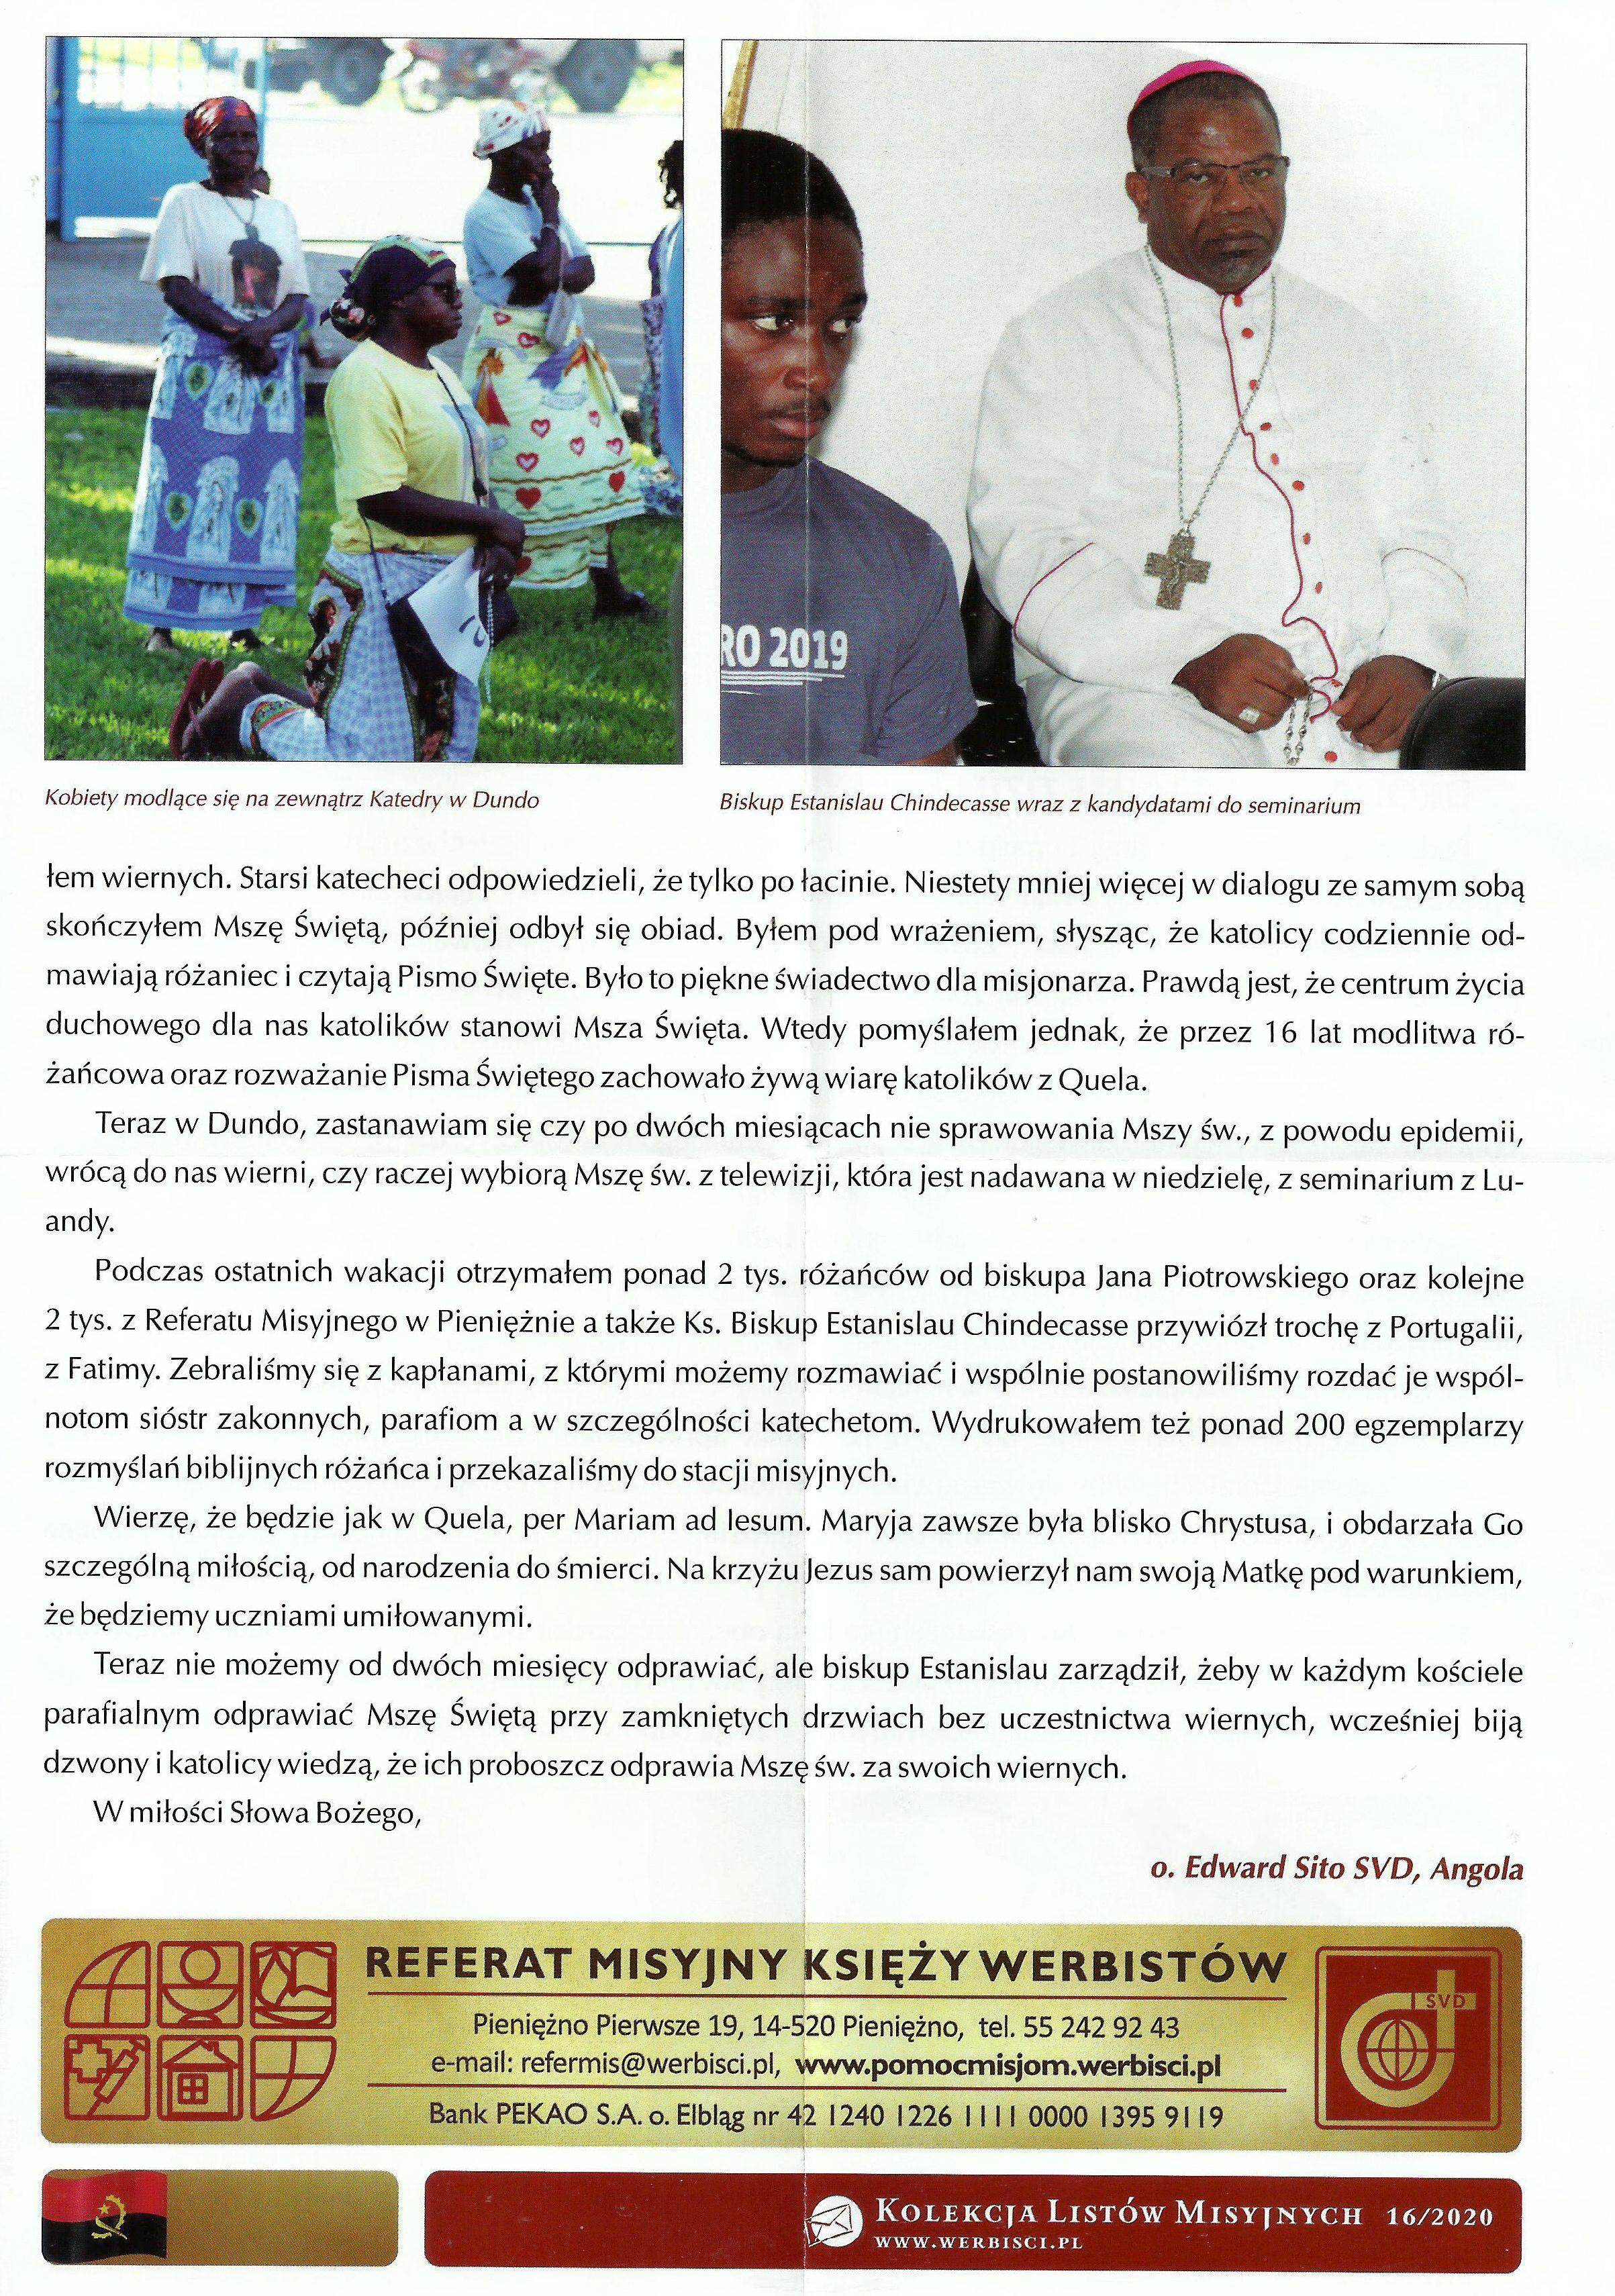 KOLEKCJA LISTÓW MISYJNYCH - NR 16-20200002